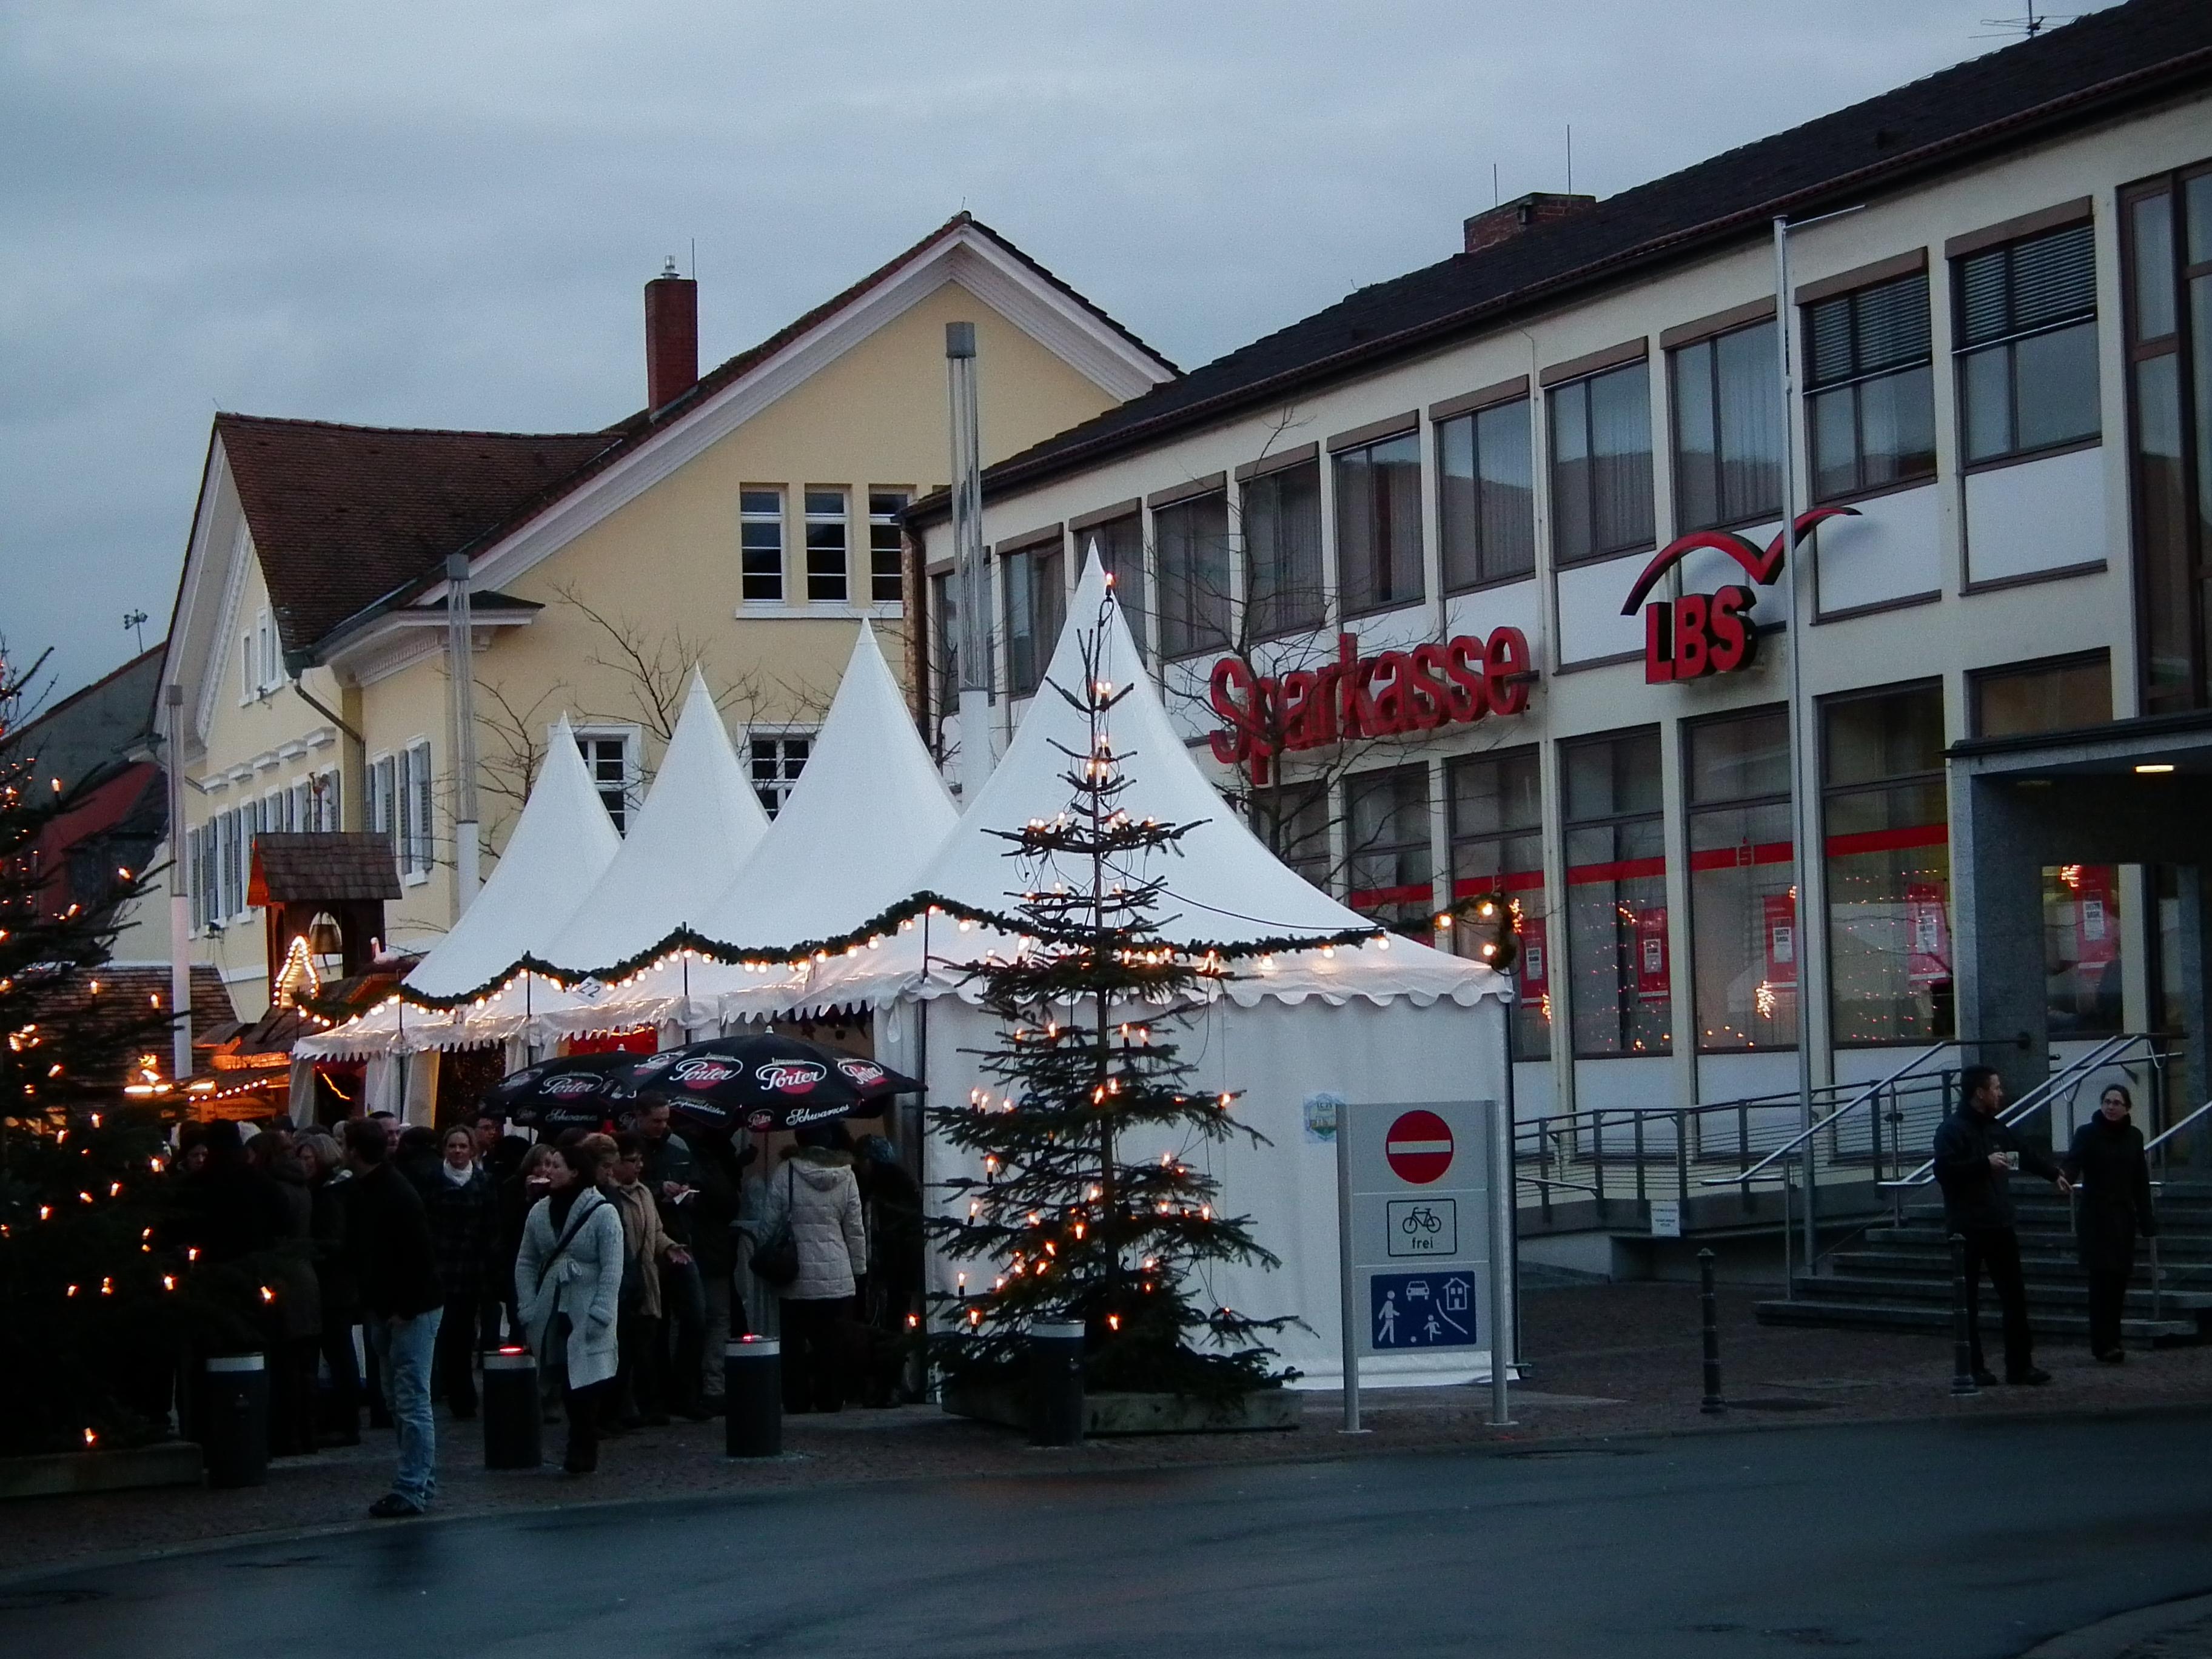 Weihnachtsmarkt Schwetzingen.File Schwetzingen Weihnachtsmarkt Sparkassenfiliale Jpg Wikimedia